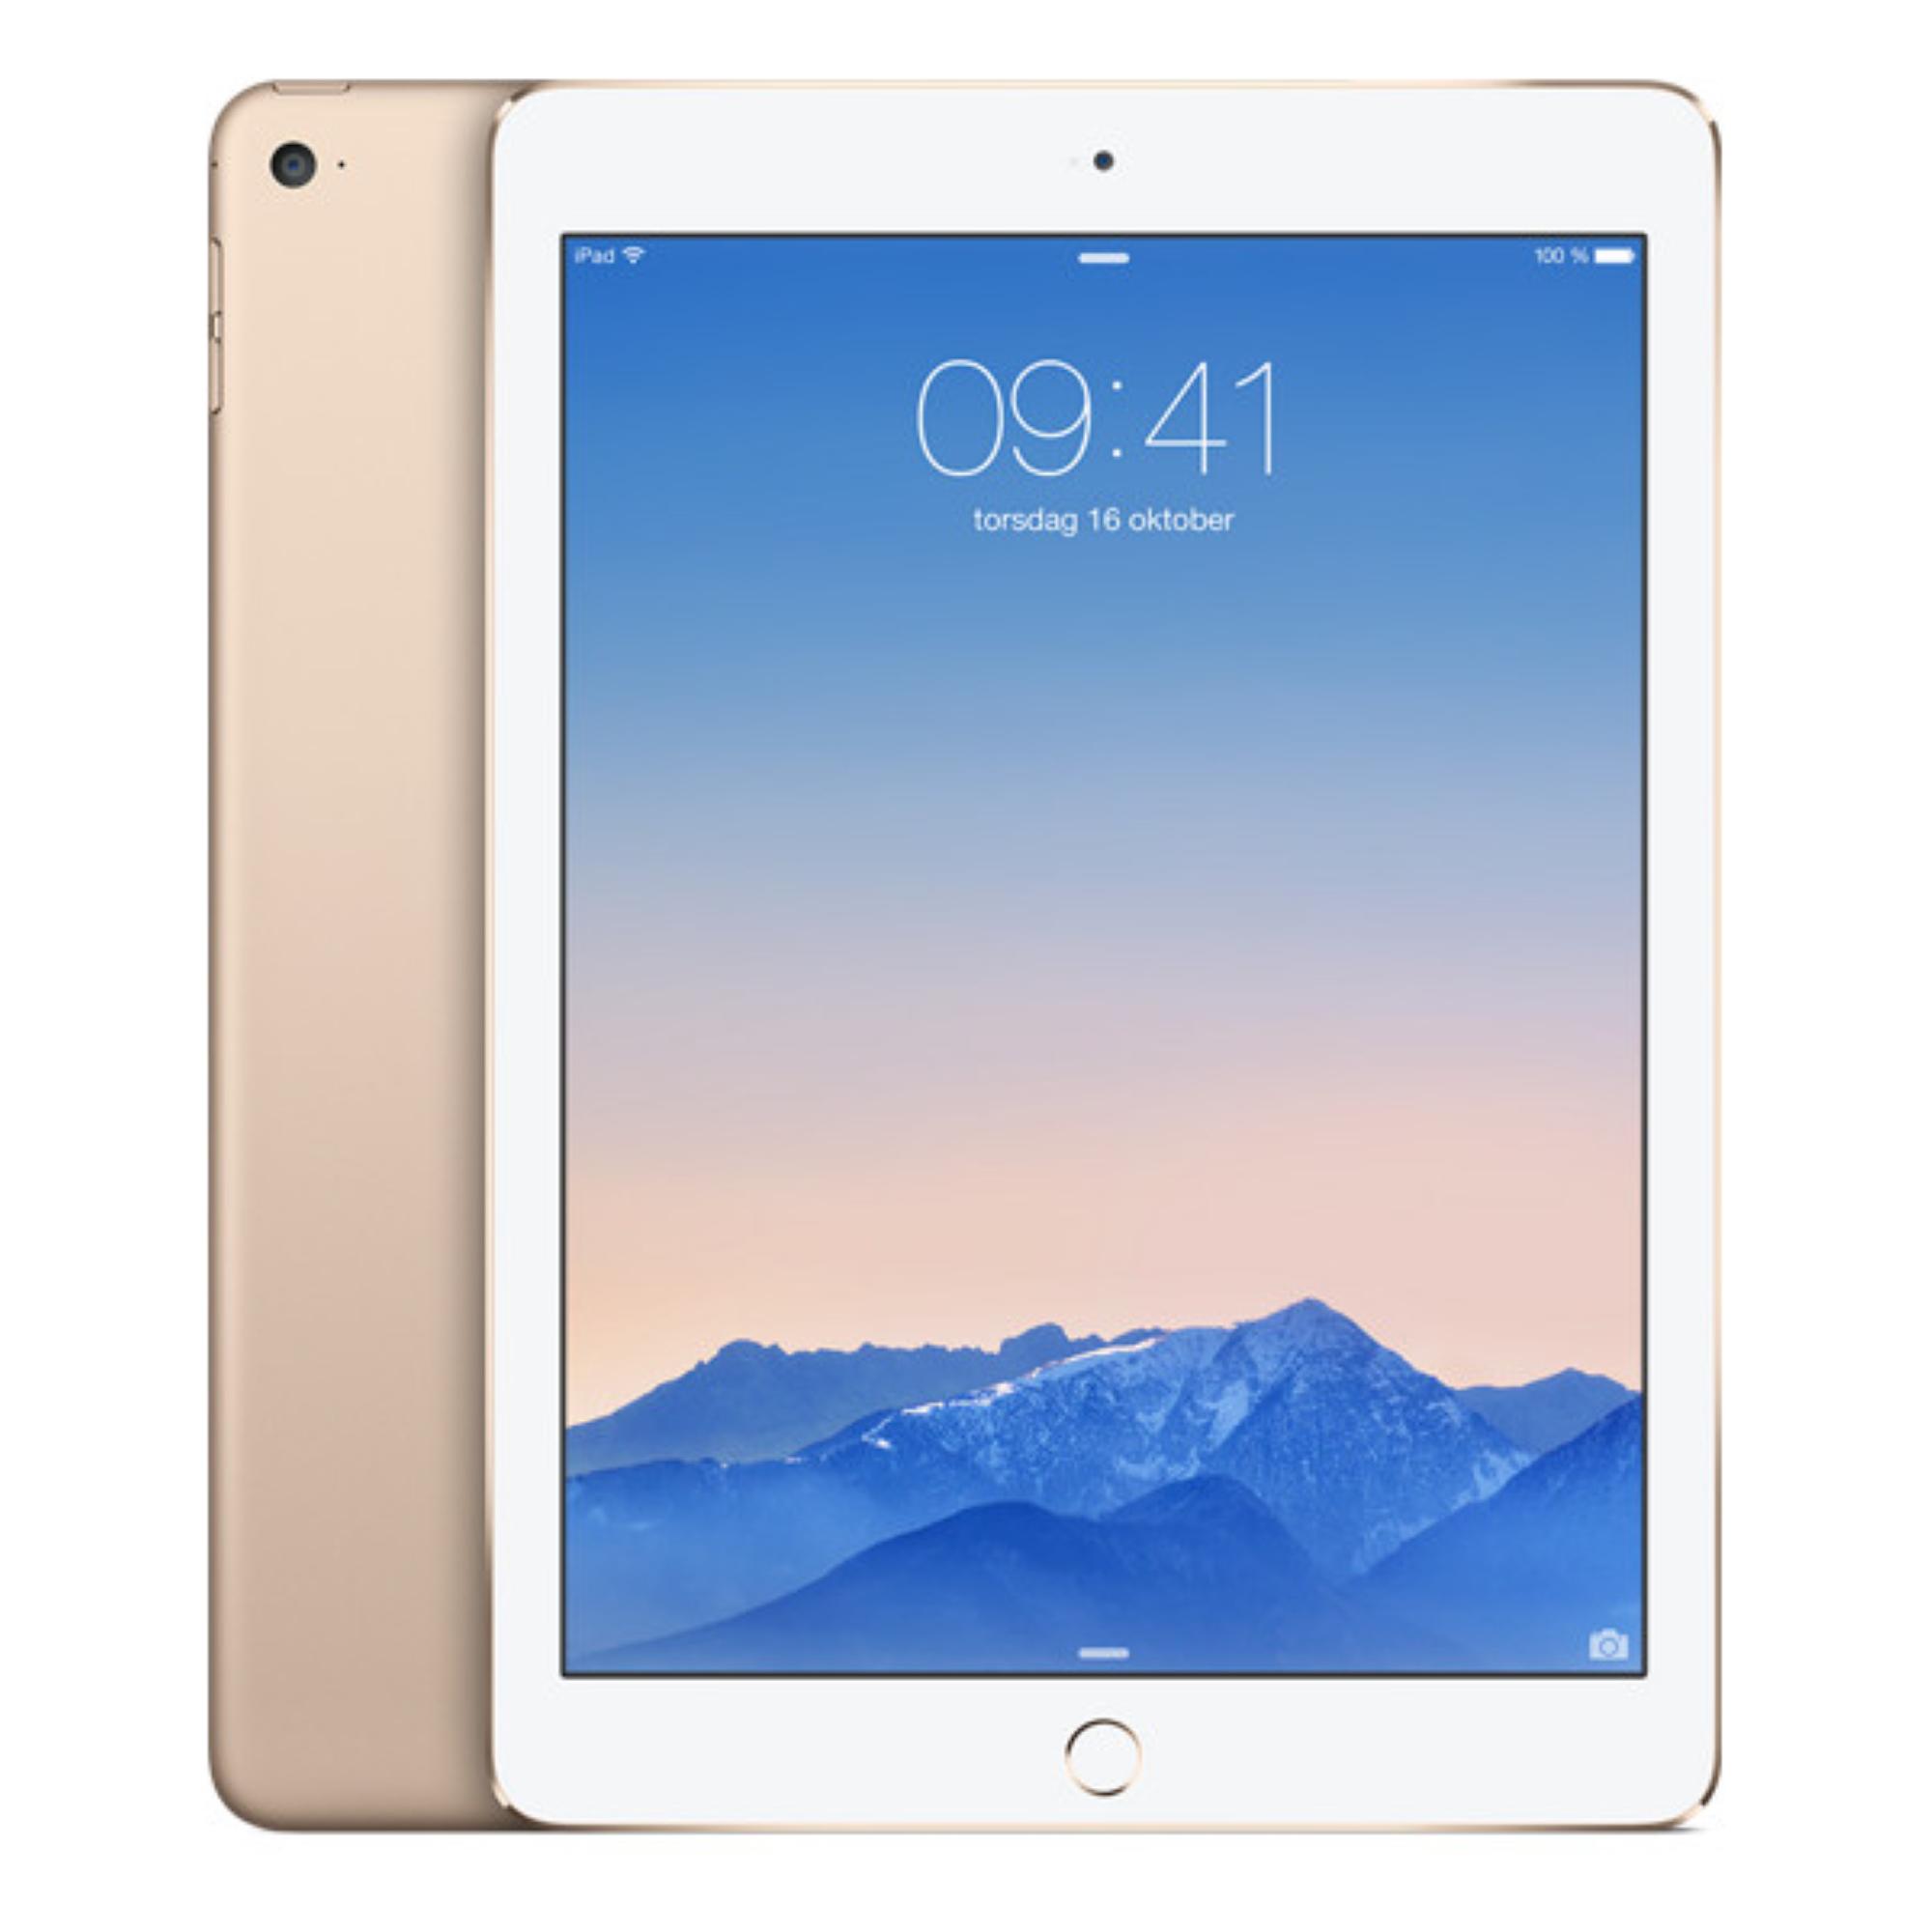 Tablette Apple Ipad air 2 - 64 Go  Or